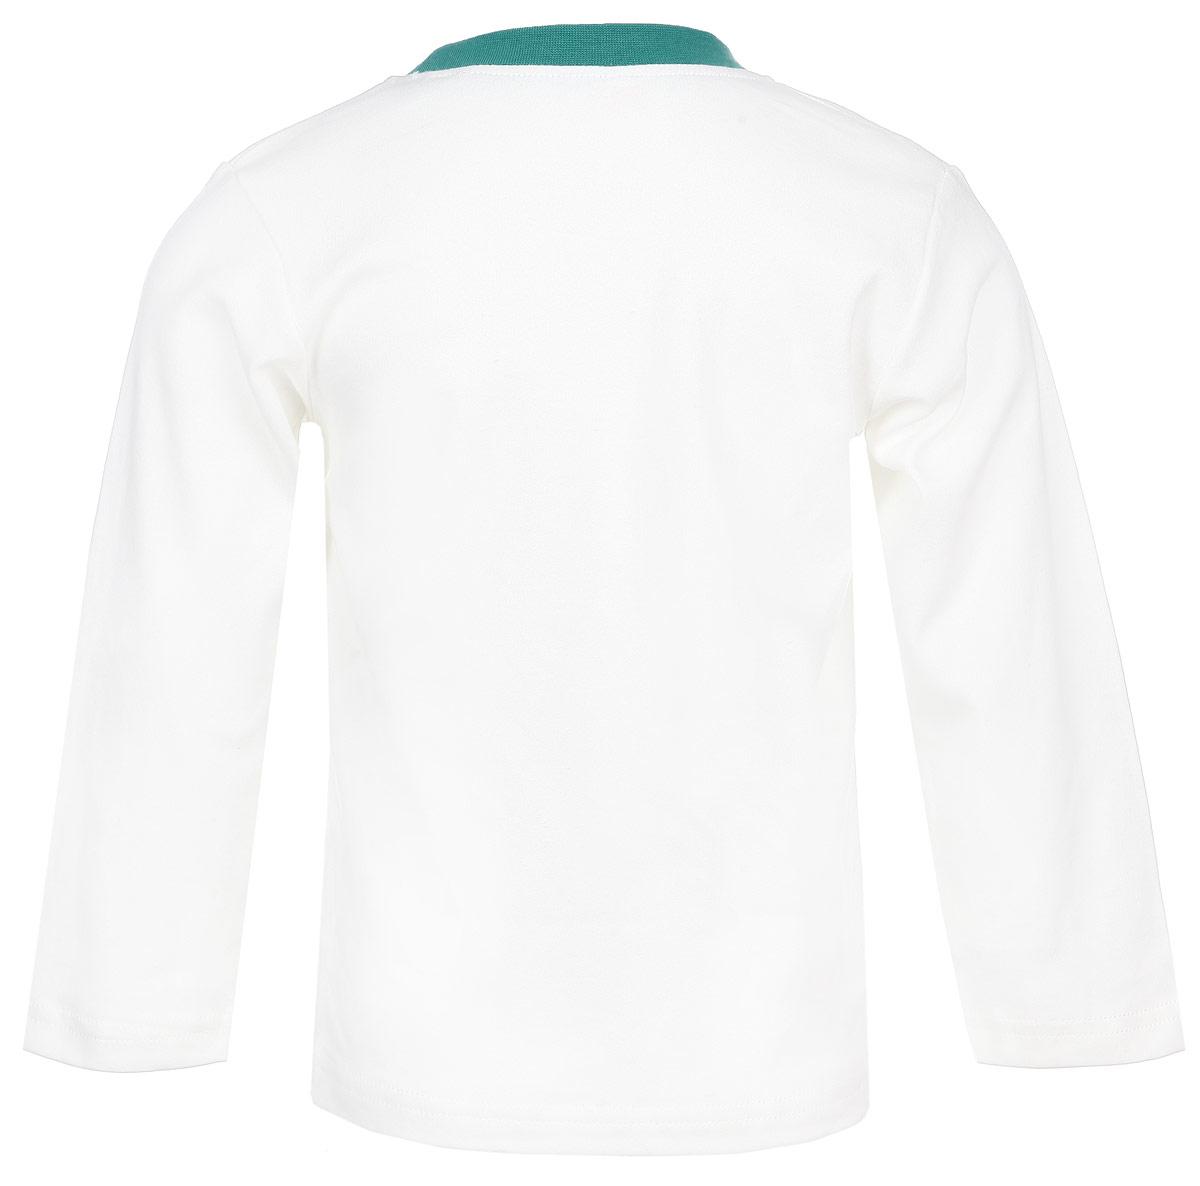 Комплект для мальчика: футболка с длинным рукавом, куртка, брюки. 104253RD-28